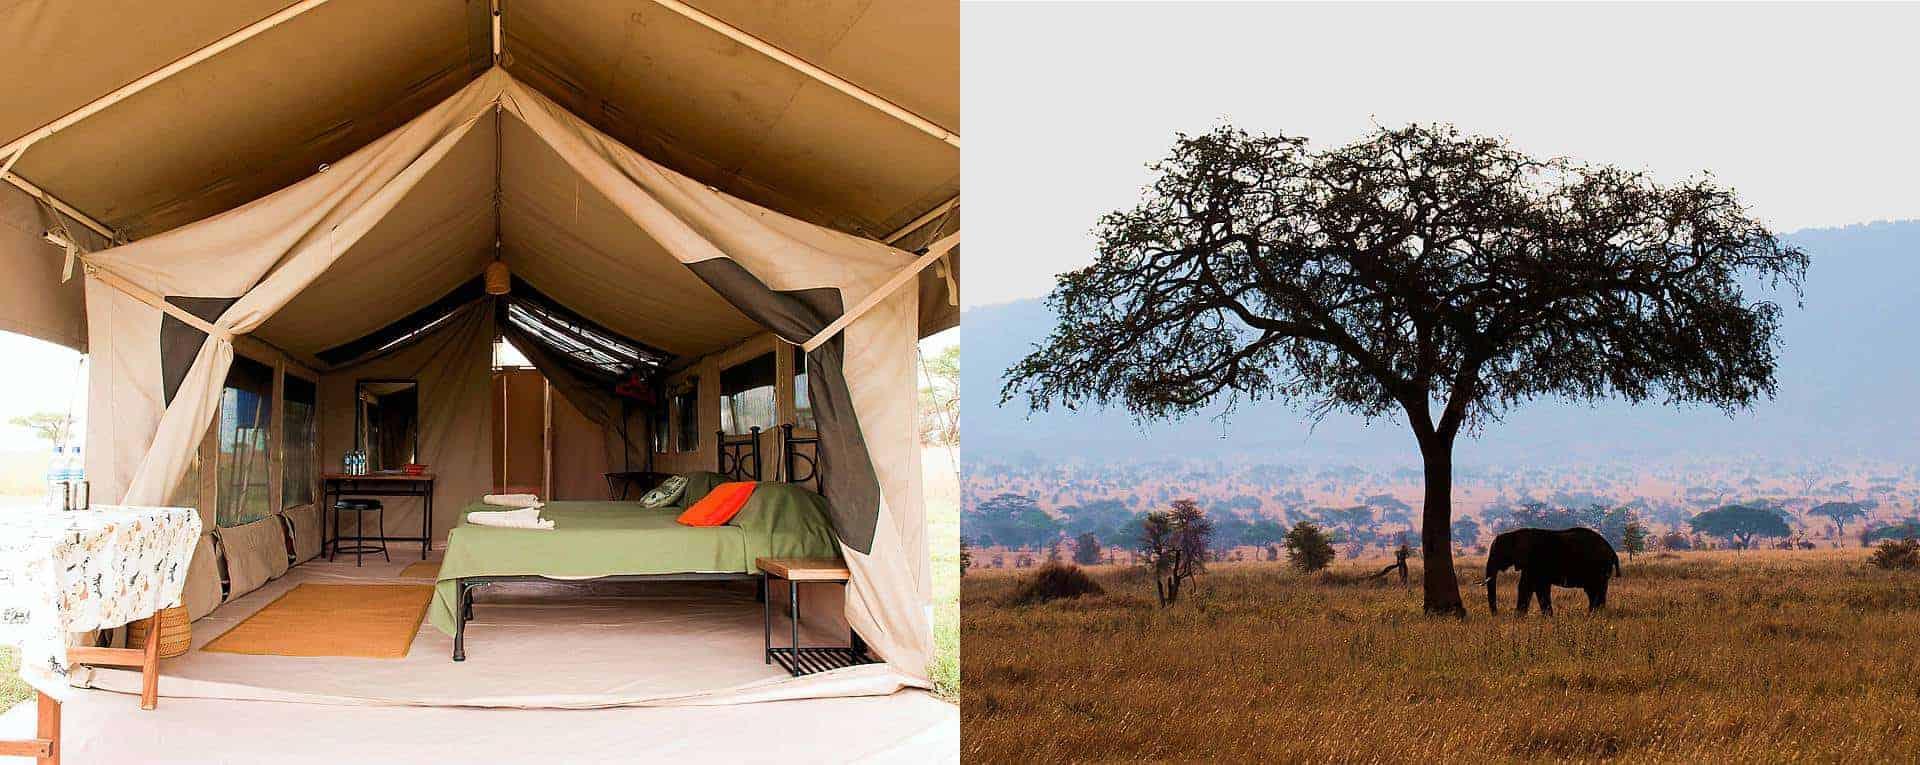 Expert Rating Reviews >> Kati Kati Tented Camp (Central, Mara & Ndutu), Serengeti ...